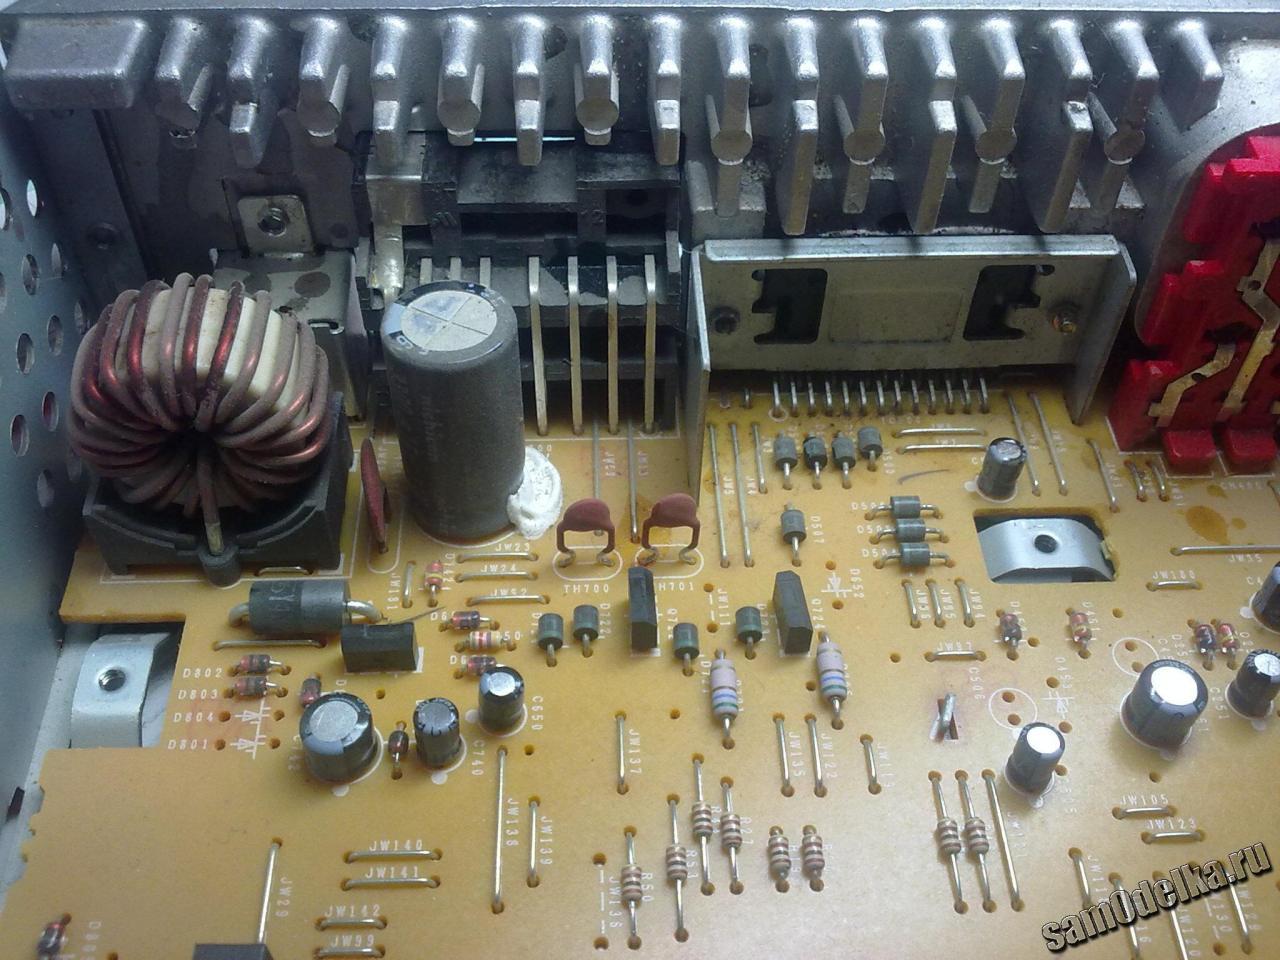 инструкция по использованию автомагнитолы xr-ca360ee sony